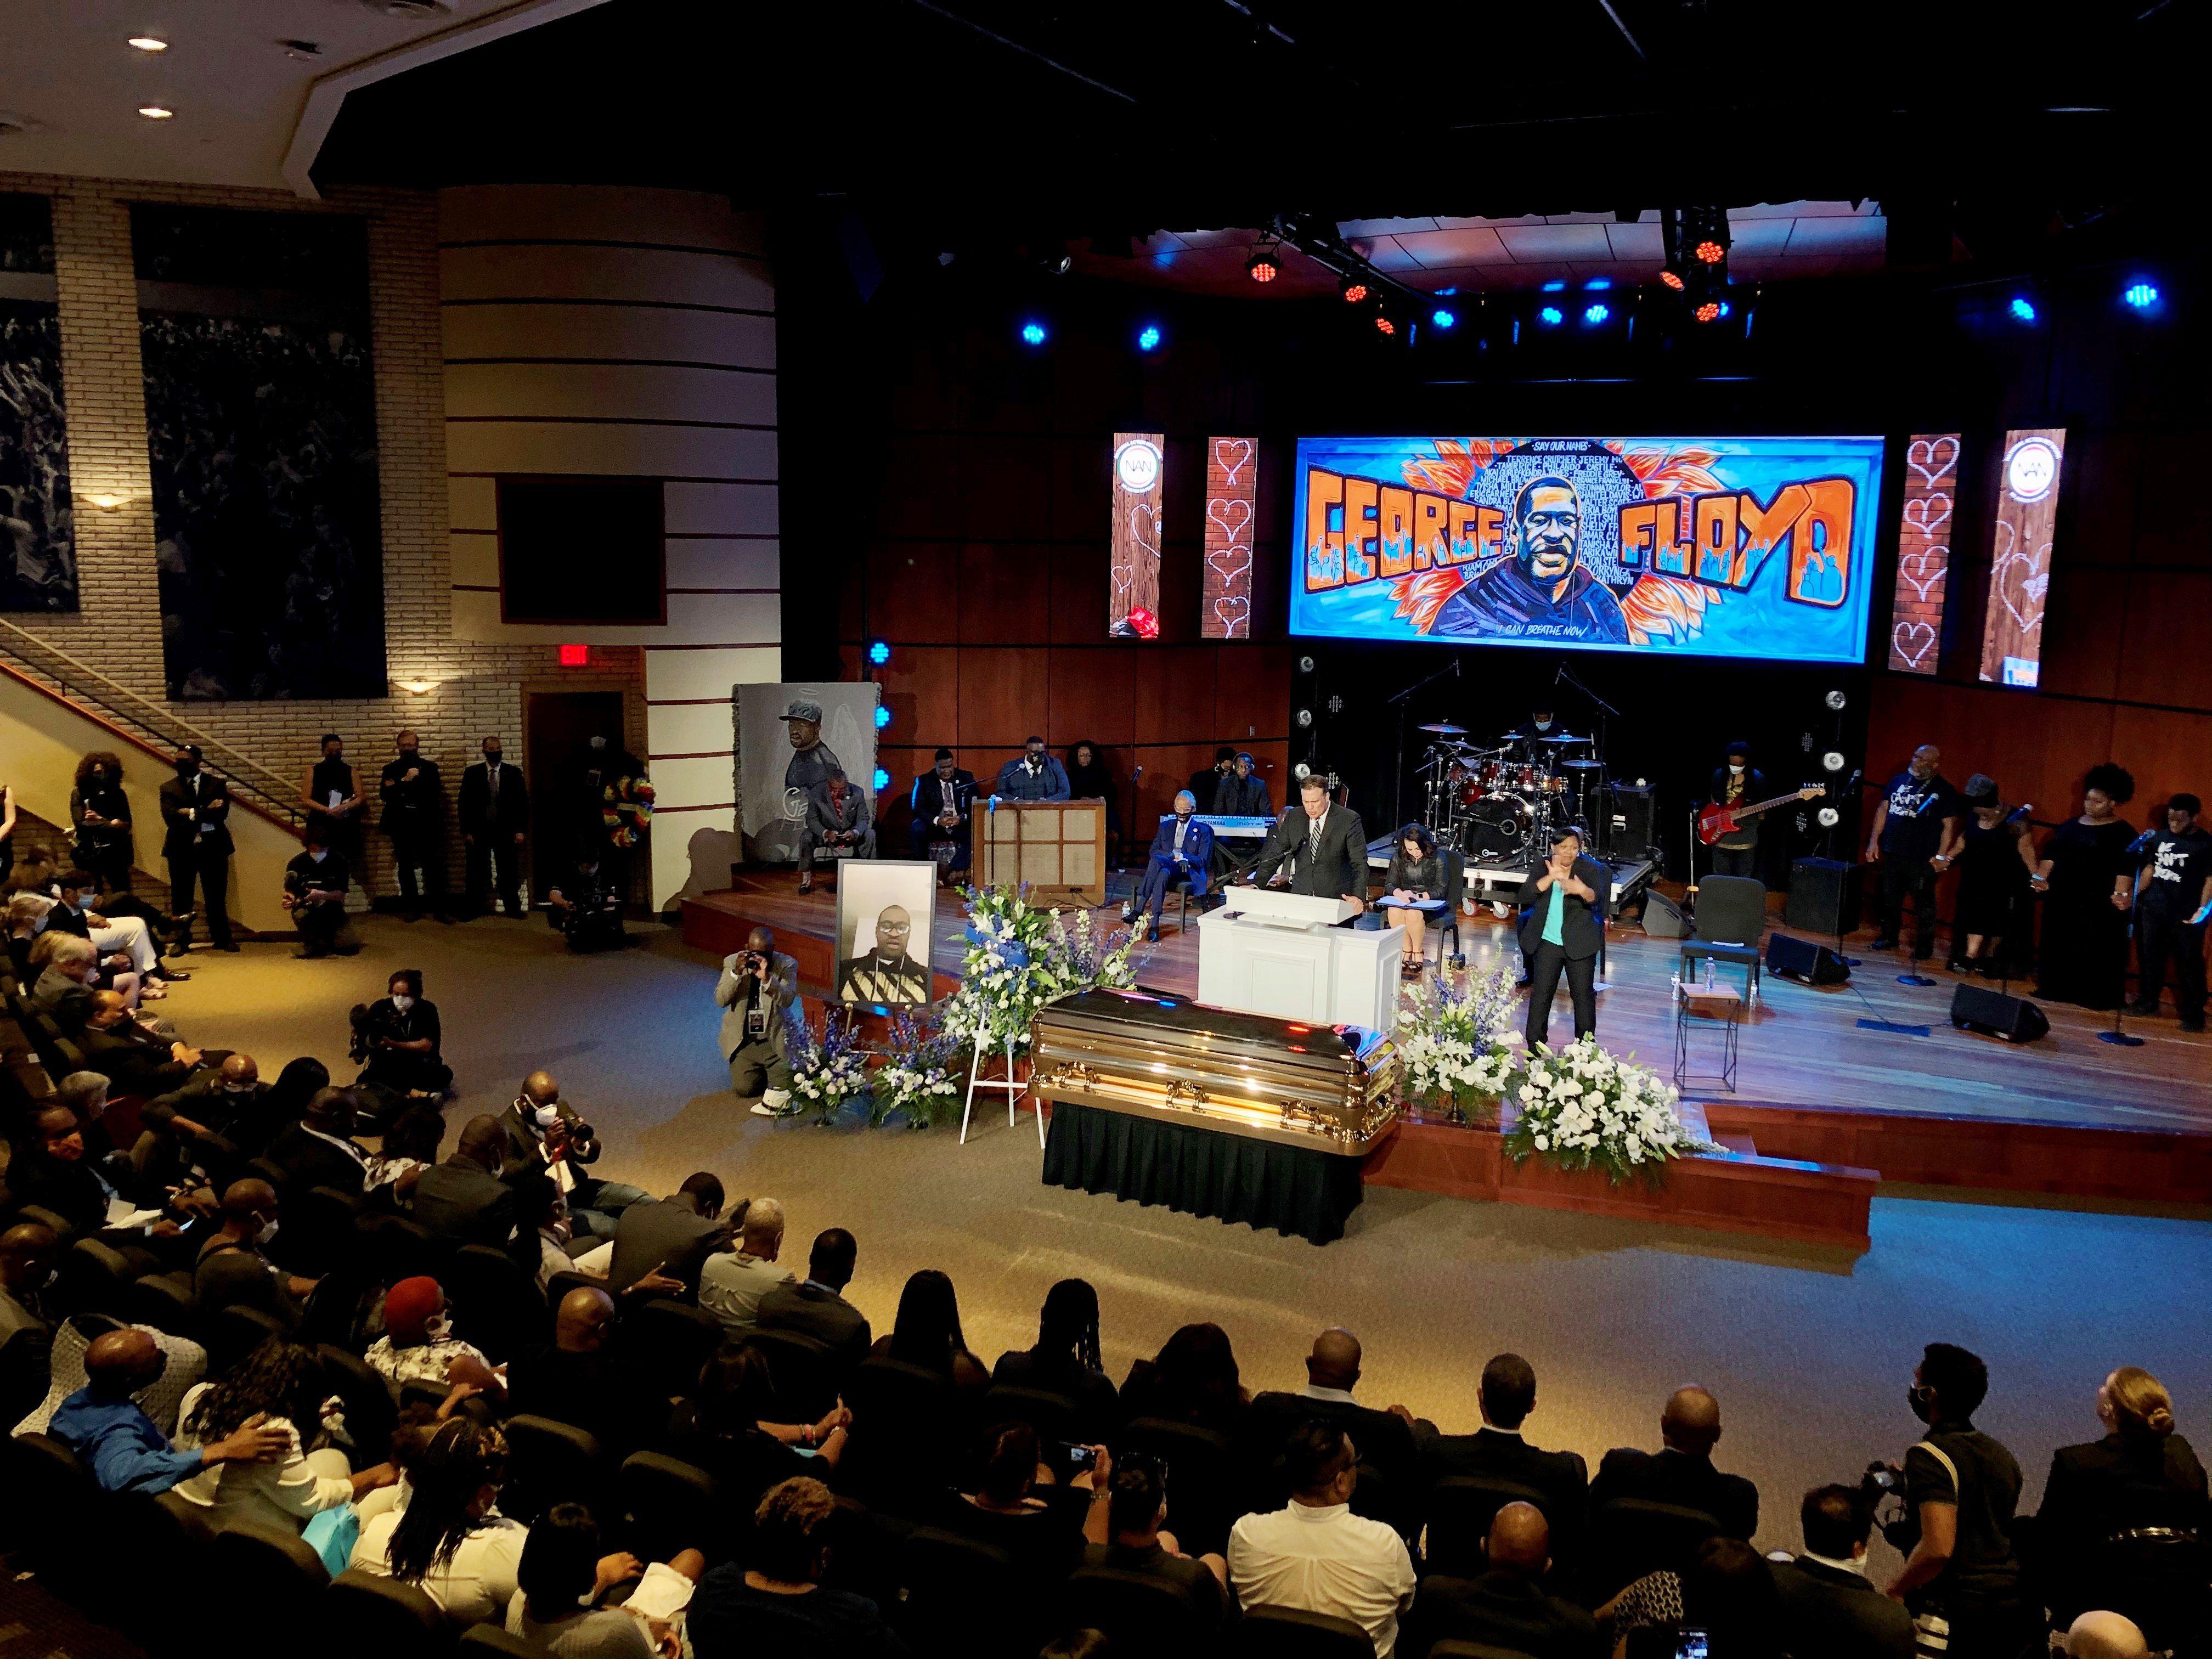 Funerali Goerge Floyd